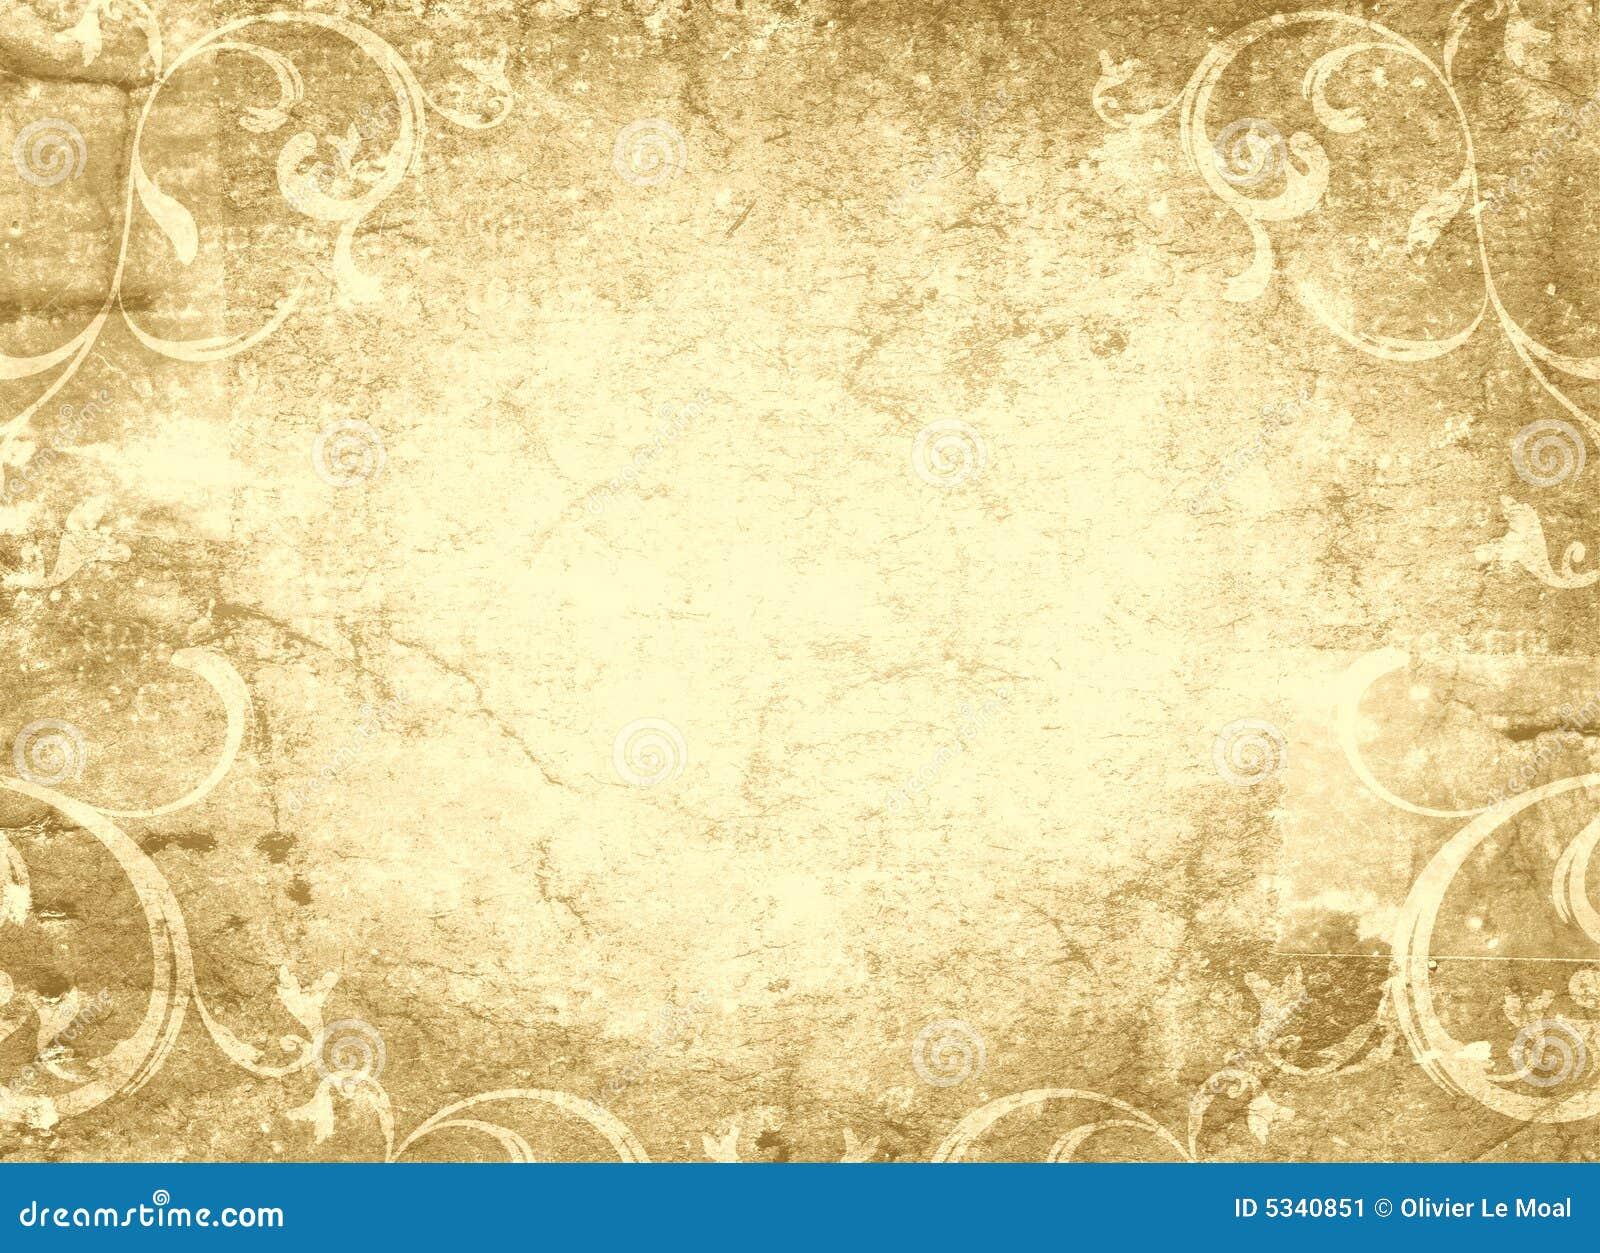 Disegno Floreale E Vecchia Pergamena Immagine Stock